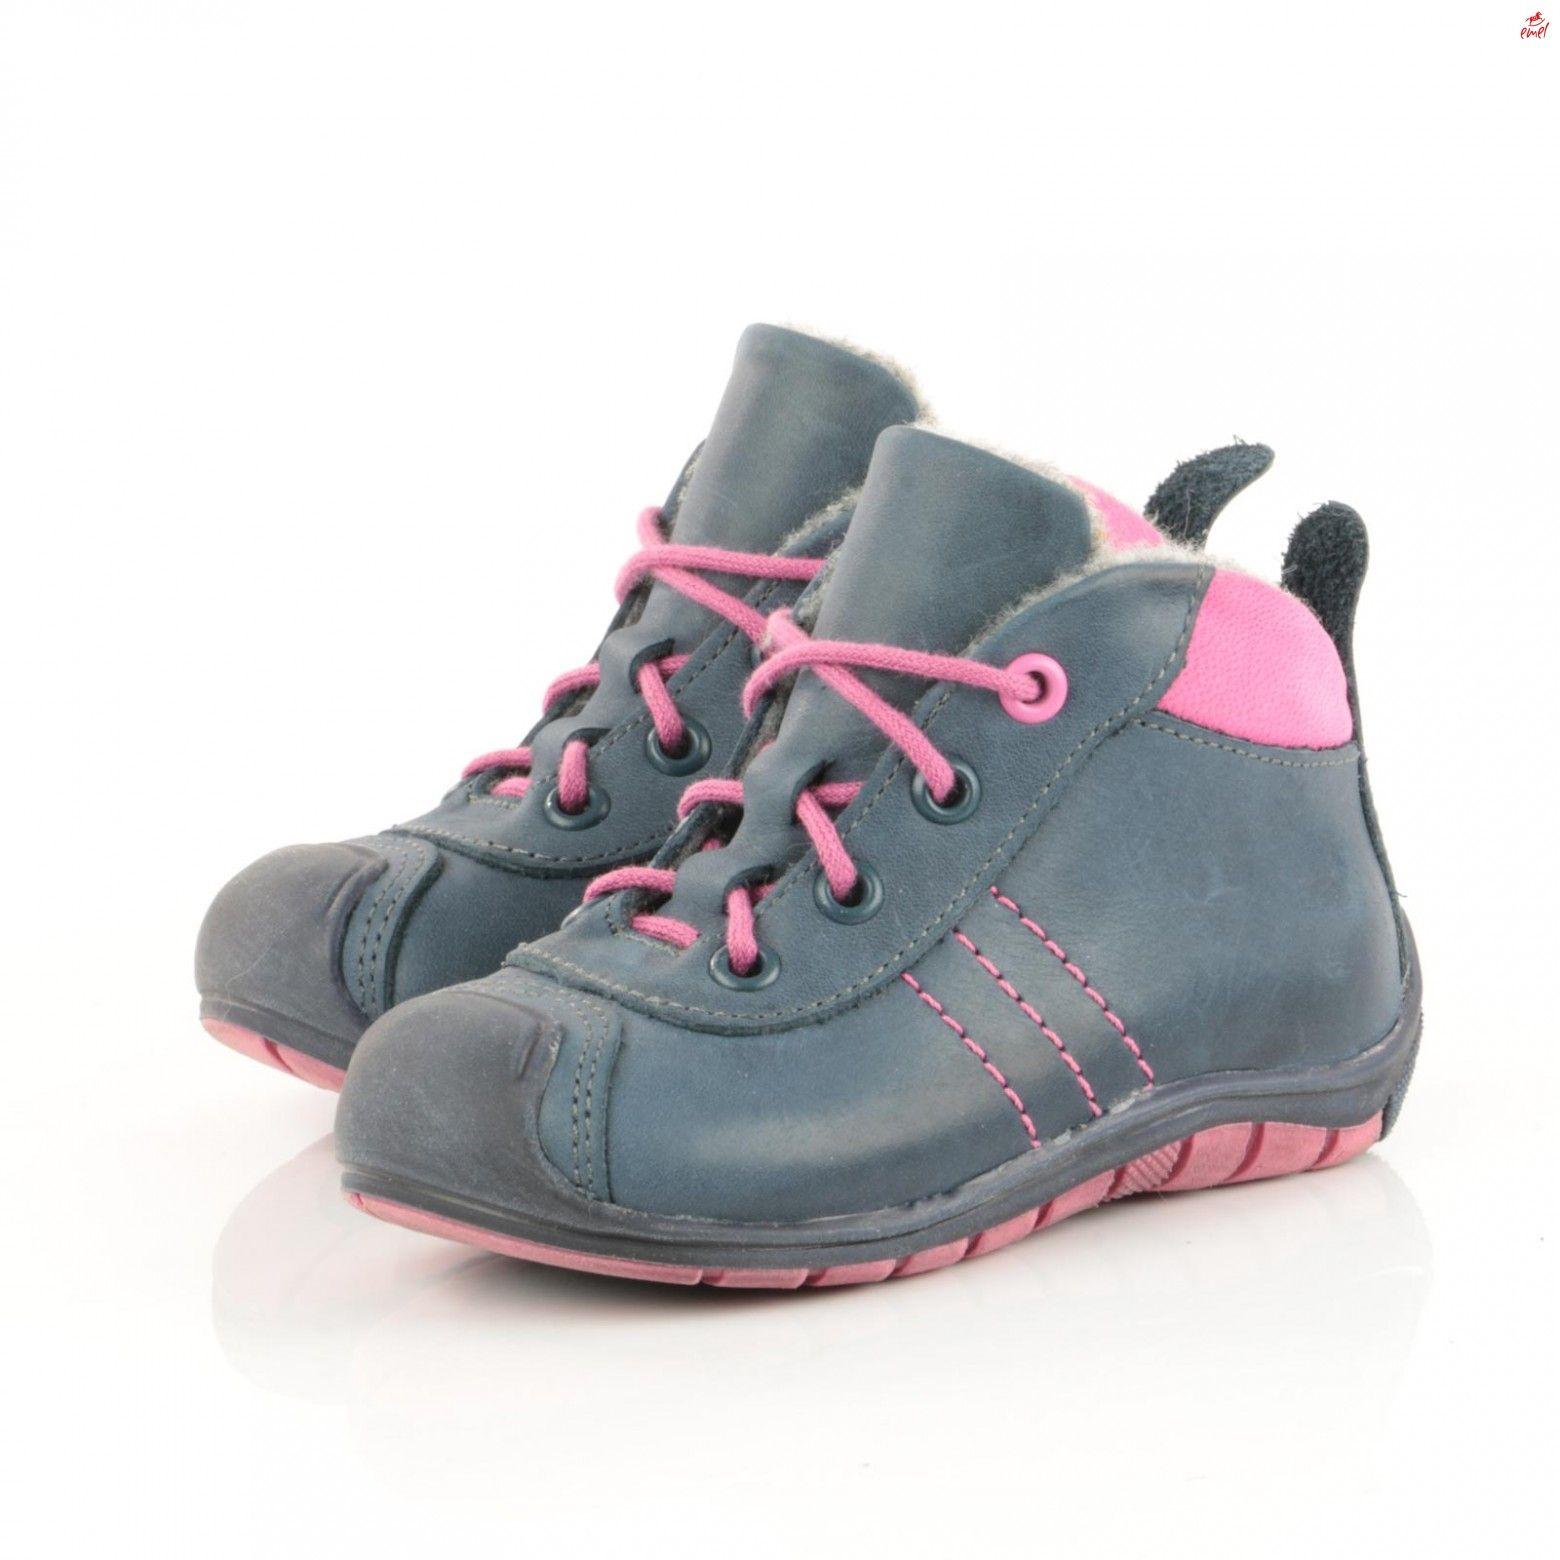 Emel Polski Producent Obuwia Dla Dzieci Baby Shoes Kids Shoes